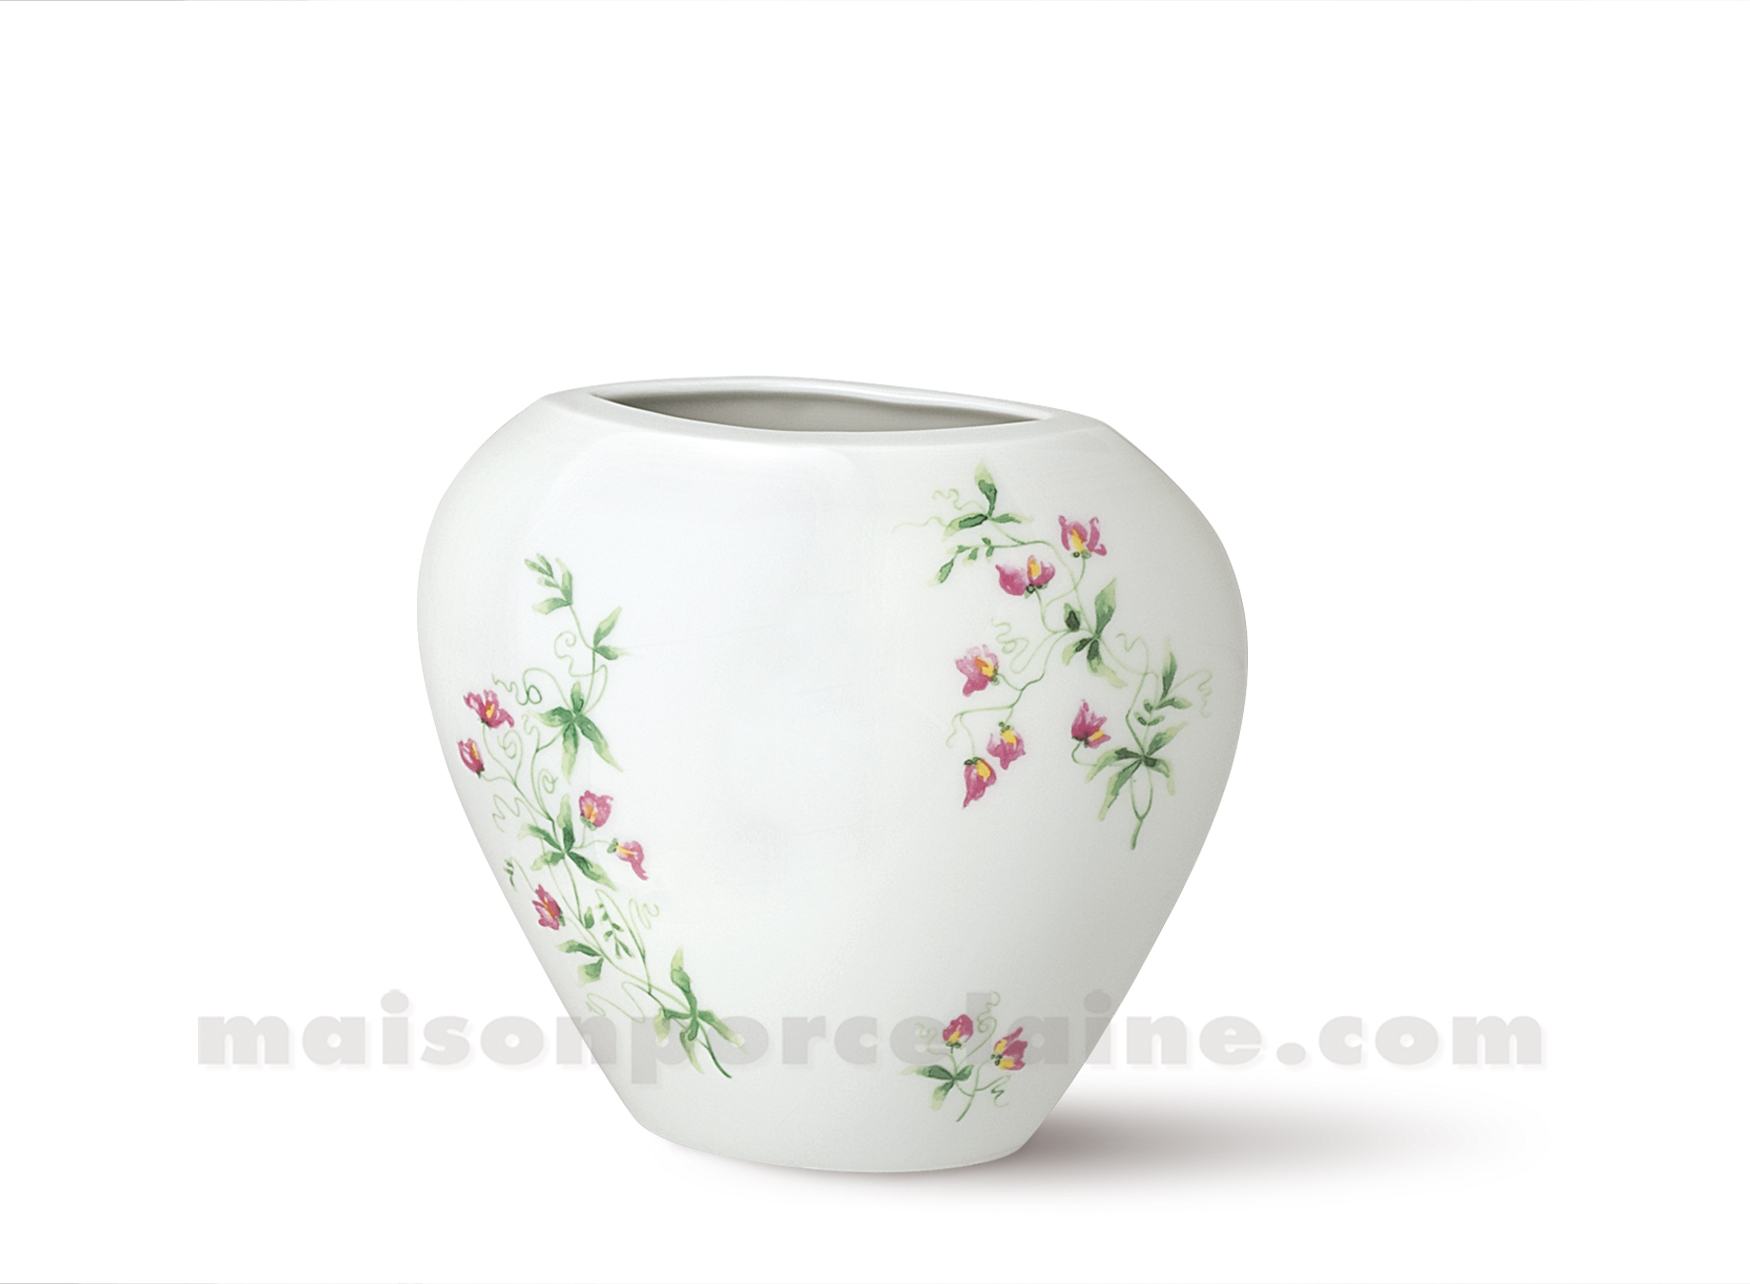 Vase limoges manathan 18x16 maison de la porcelaine for Ma maison limoges